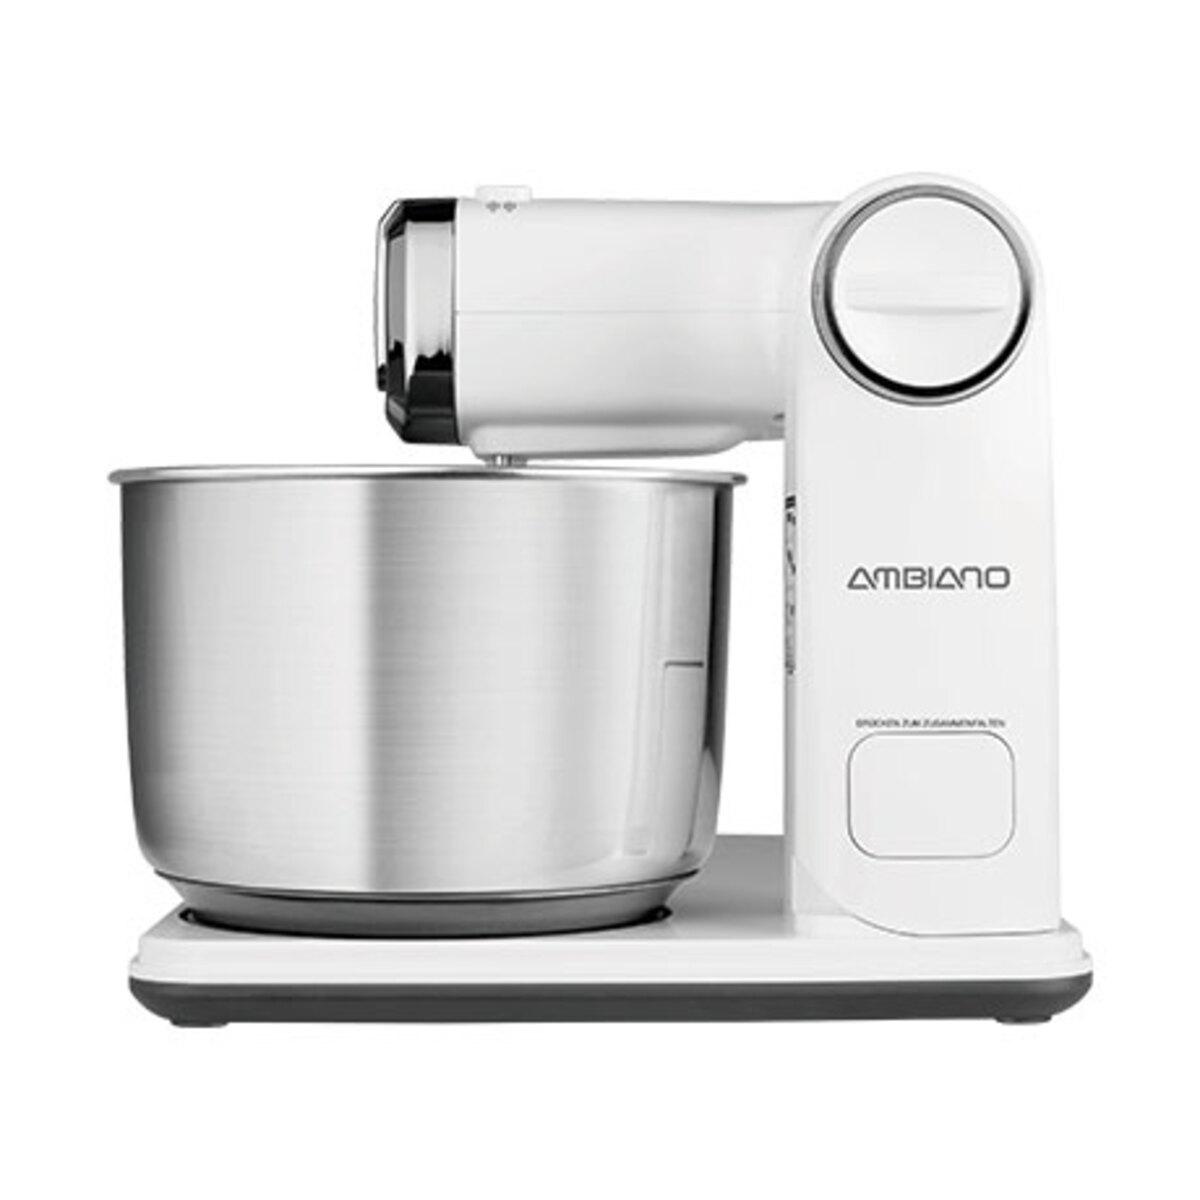 Bild 4 von Faltbare Küchenmaschine Weiß1